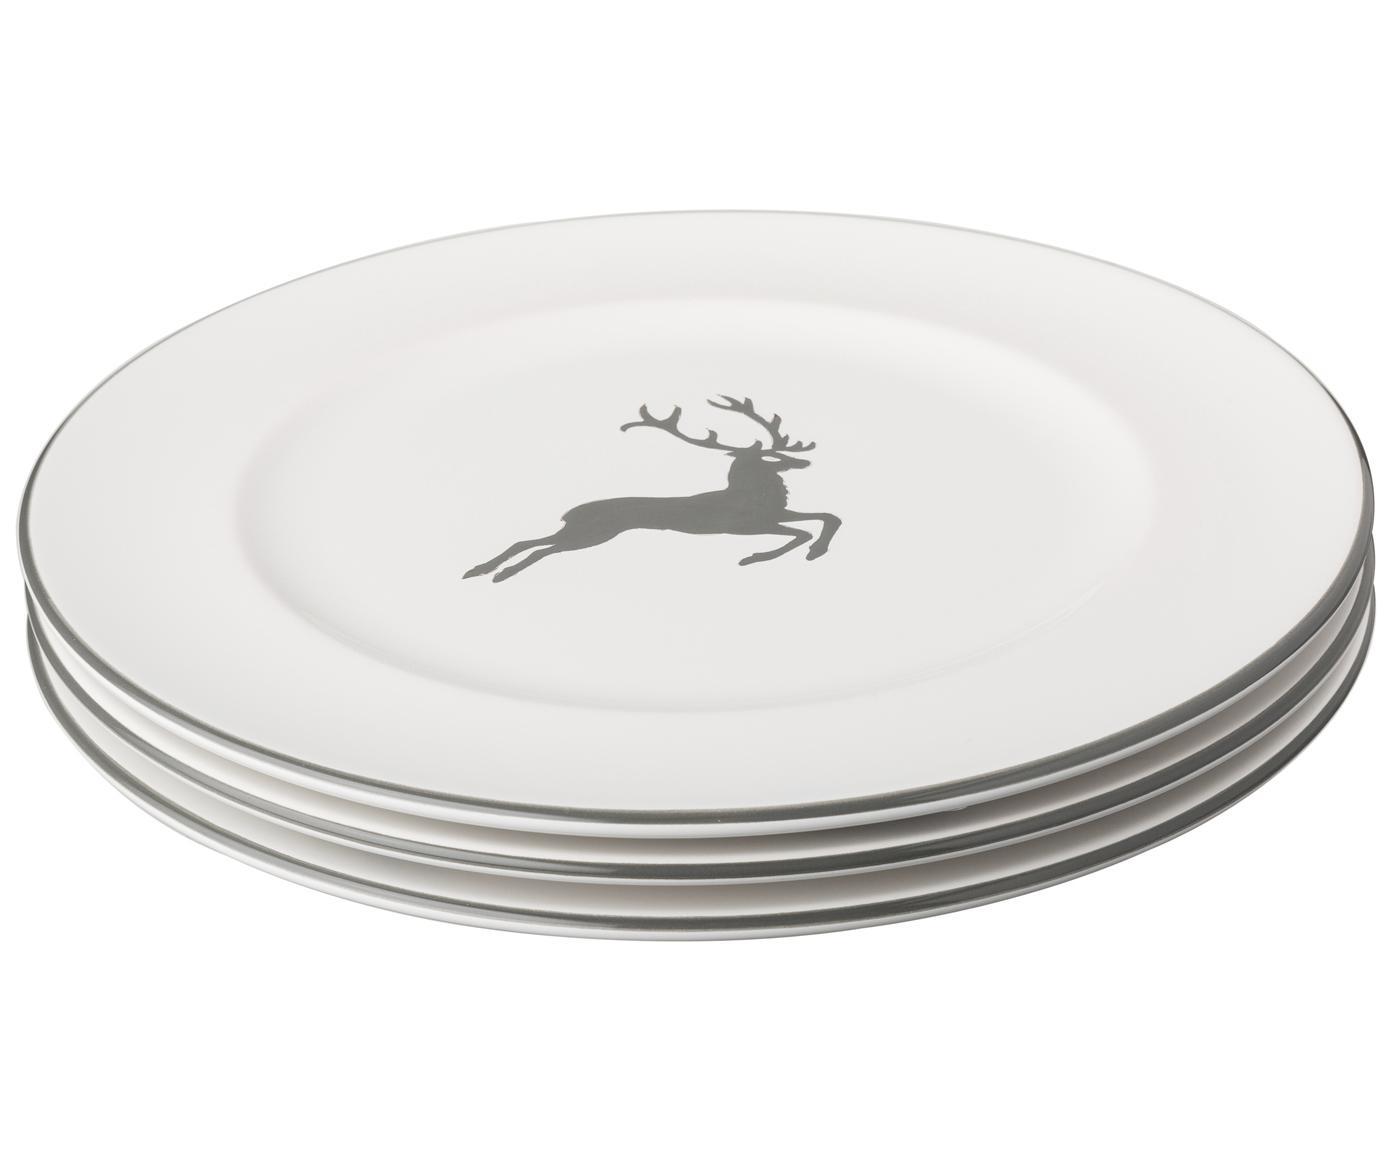 Talerz duży Gourmet Grauer Hirsch, Ceramika, Szary, biały, Ø 27 cm